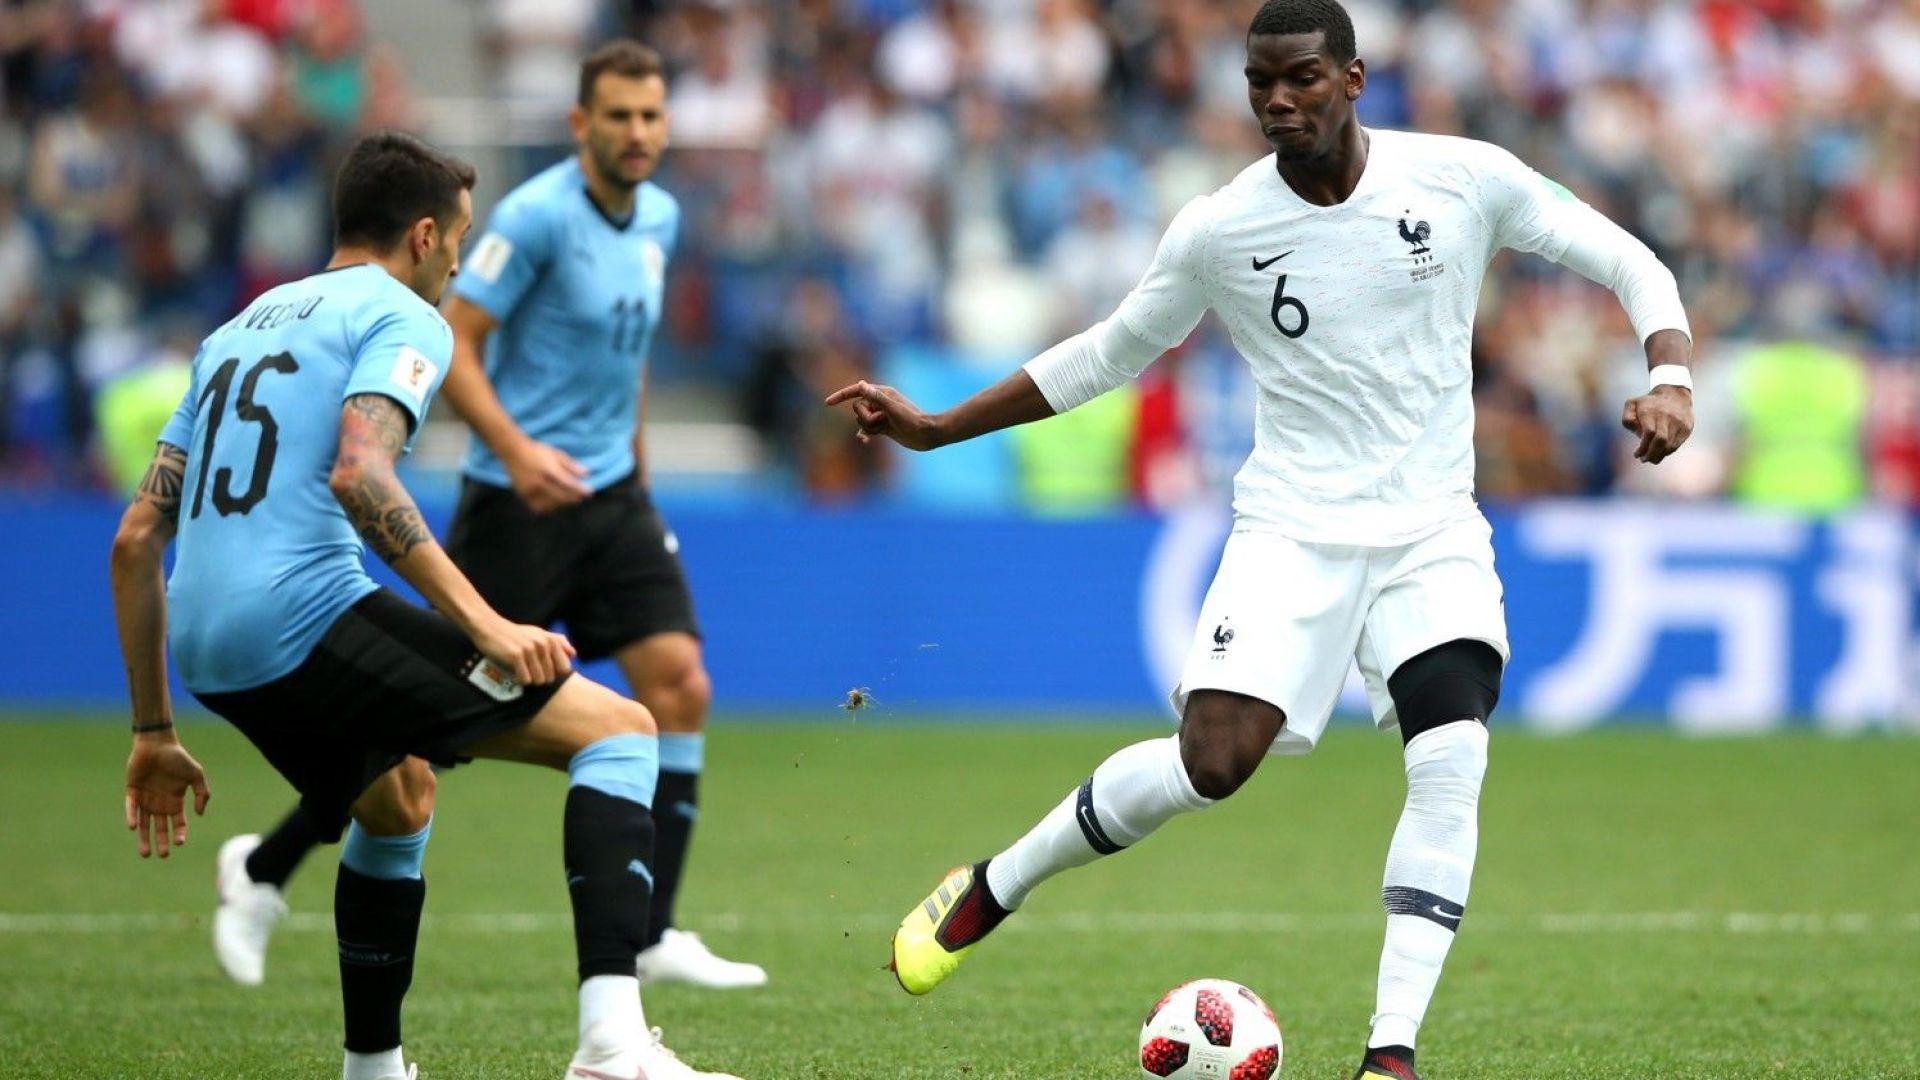 Уругвай - Франция 0:2 (статистика)